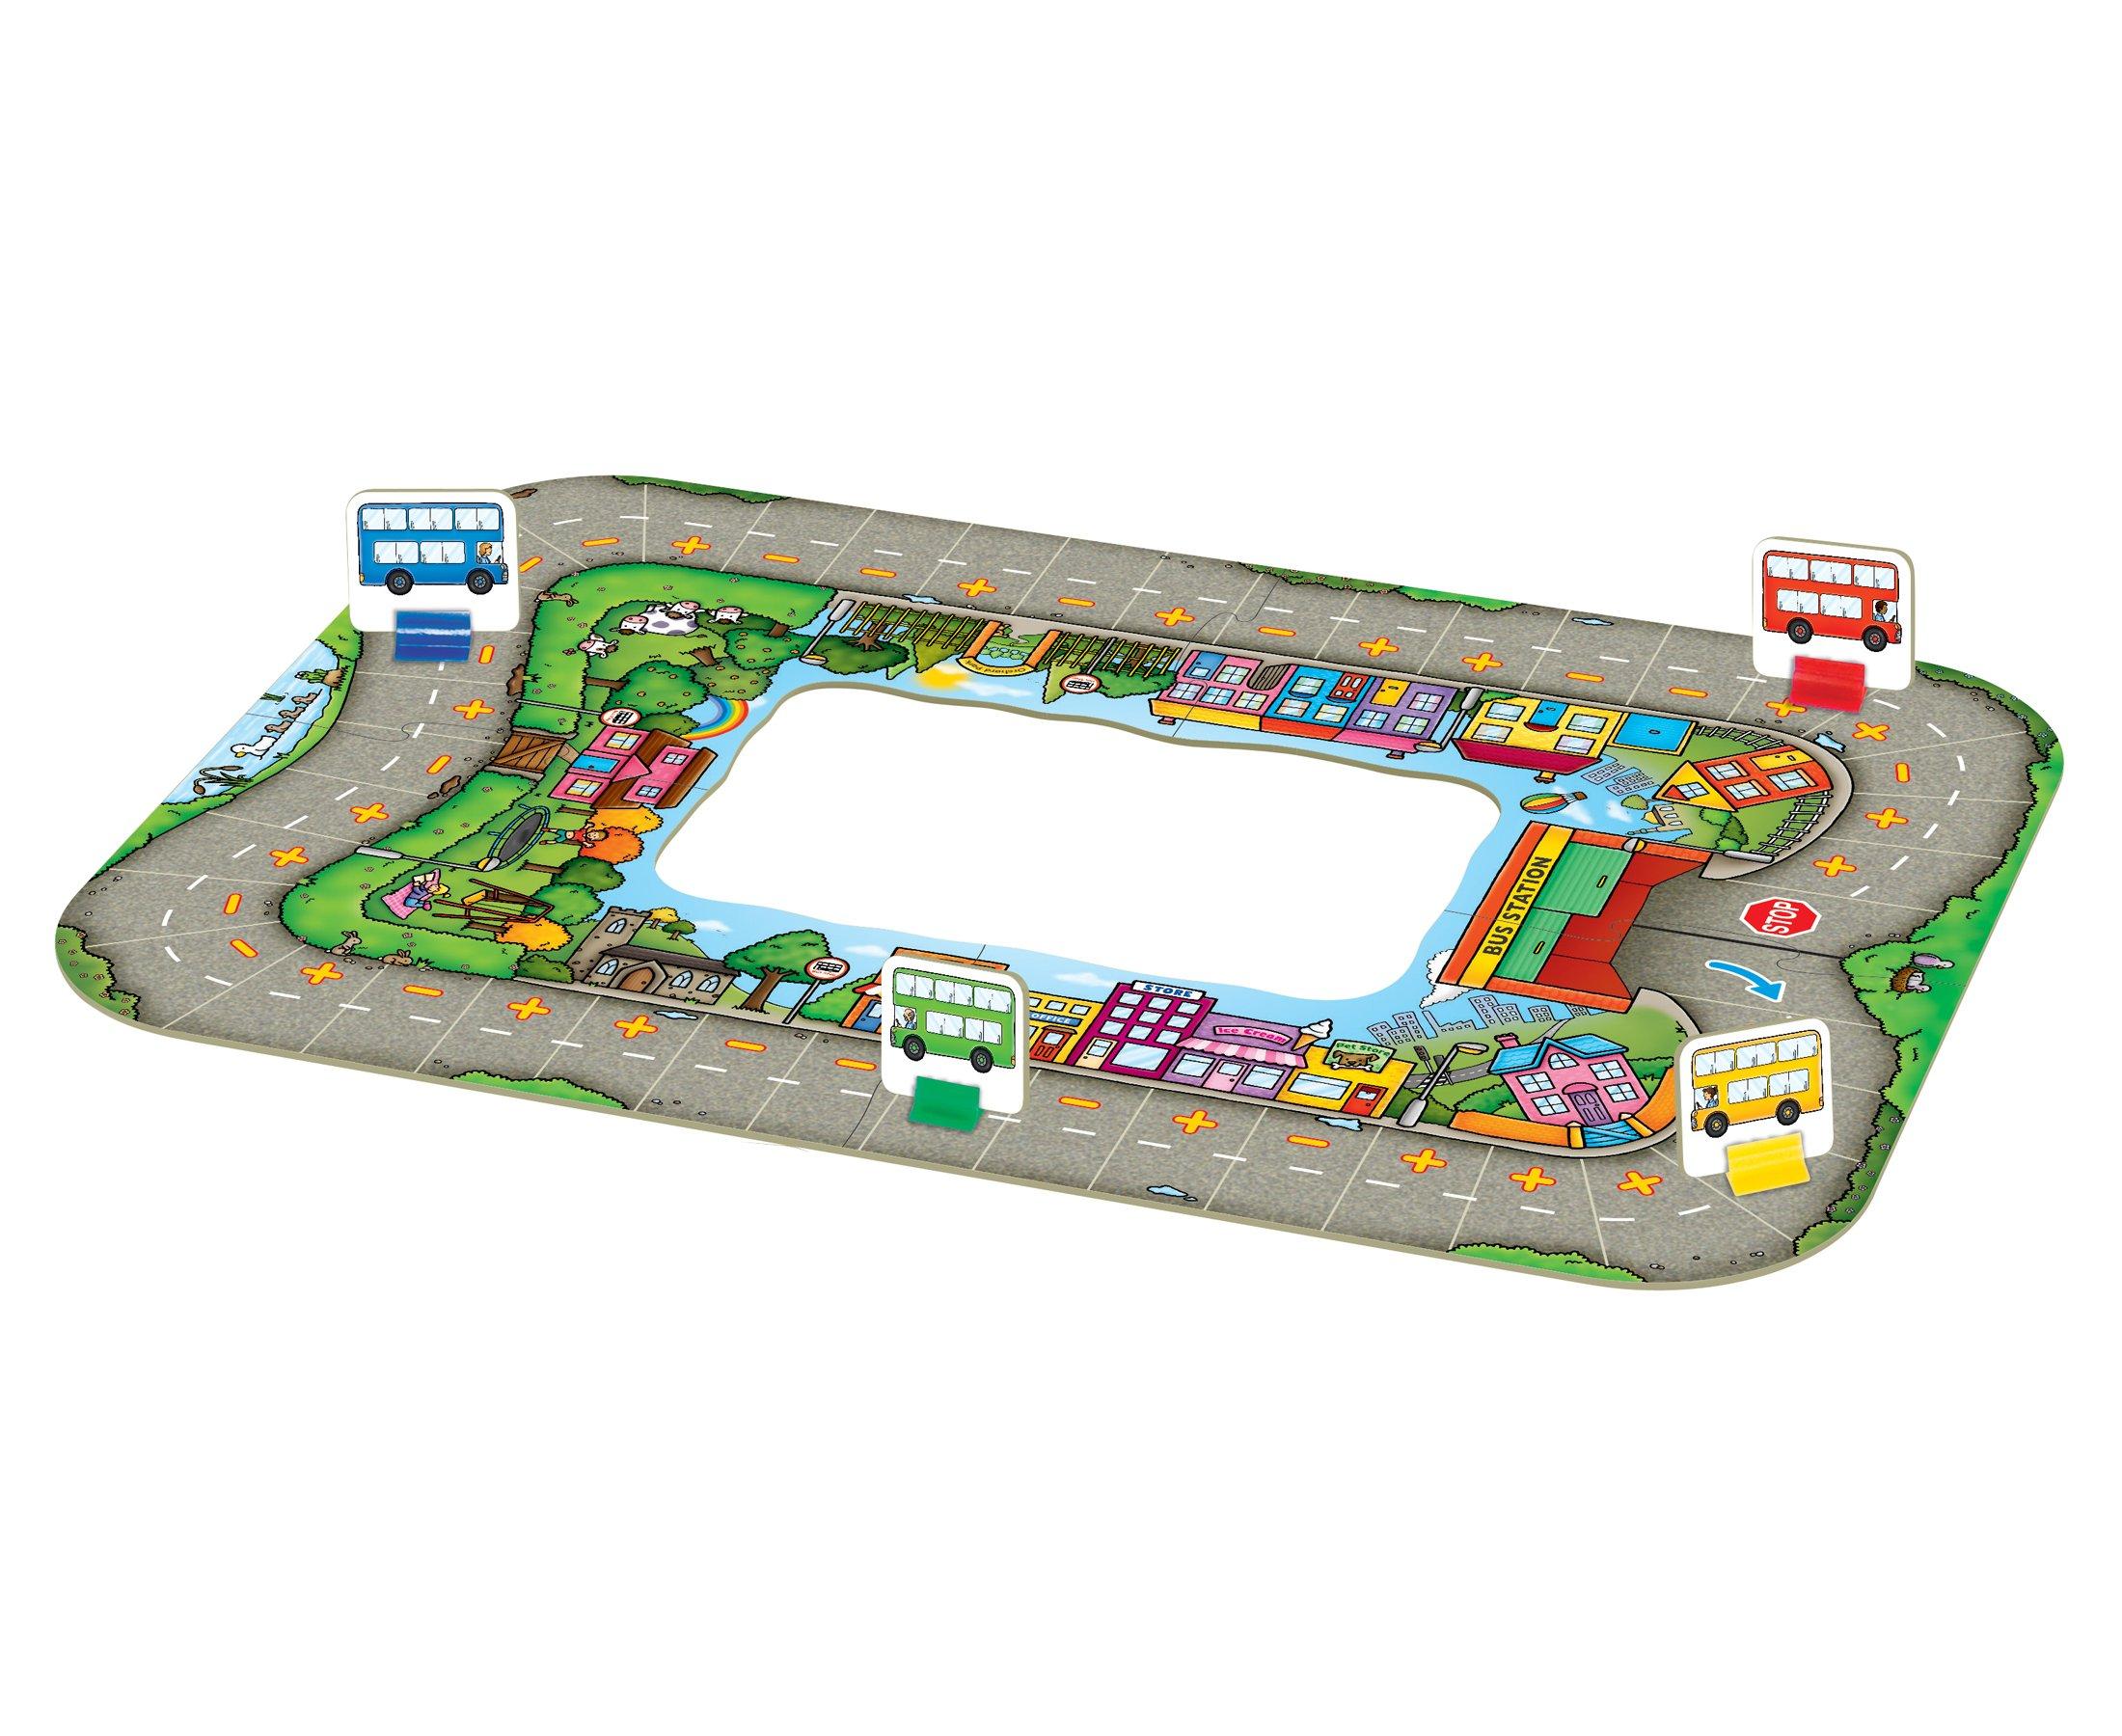 Orchard_Toys - Bus Stop, juego de mesa infantil: Orchard Toys: Amazon.es: Juguetes y juegos